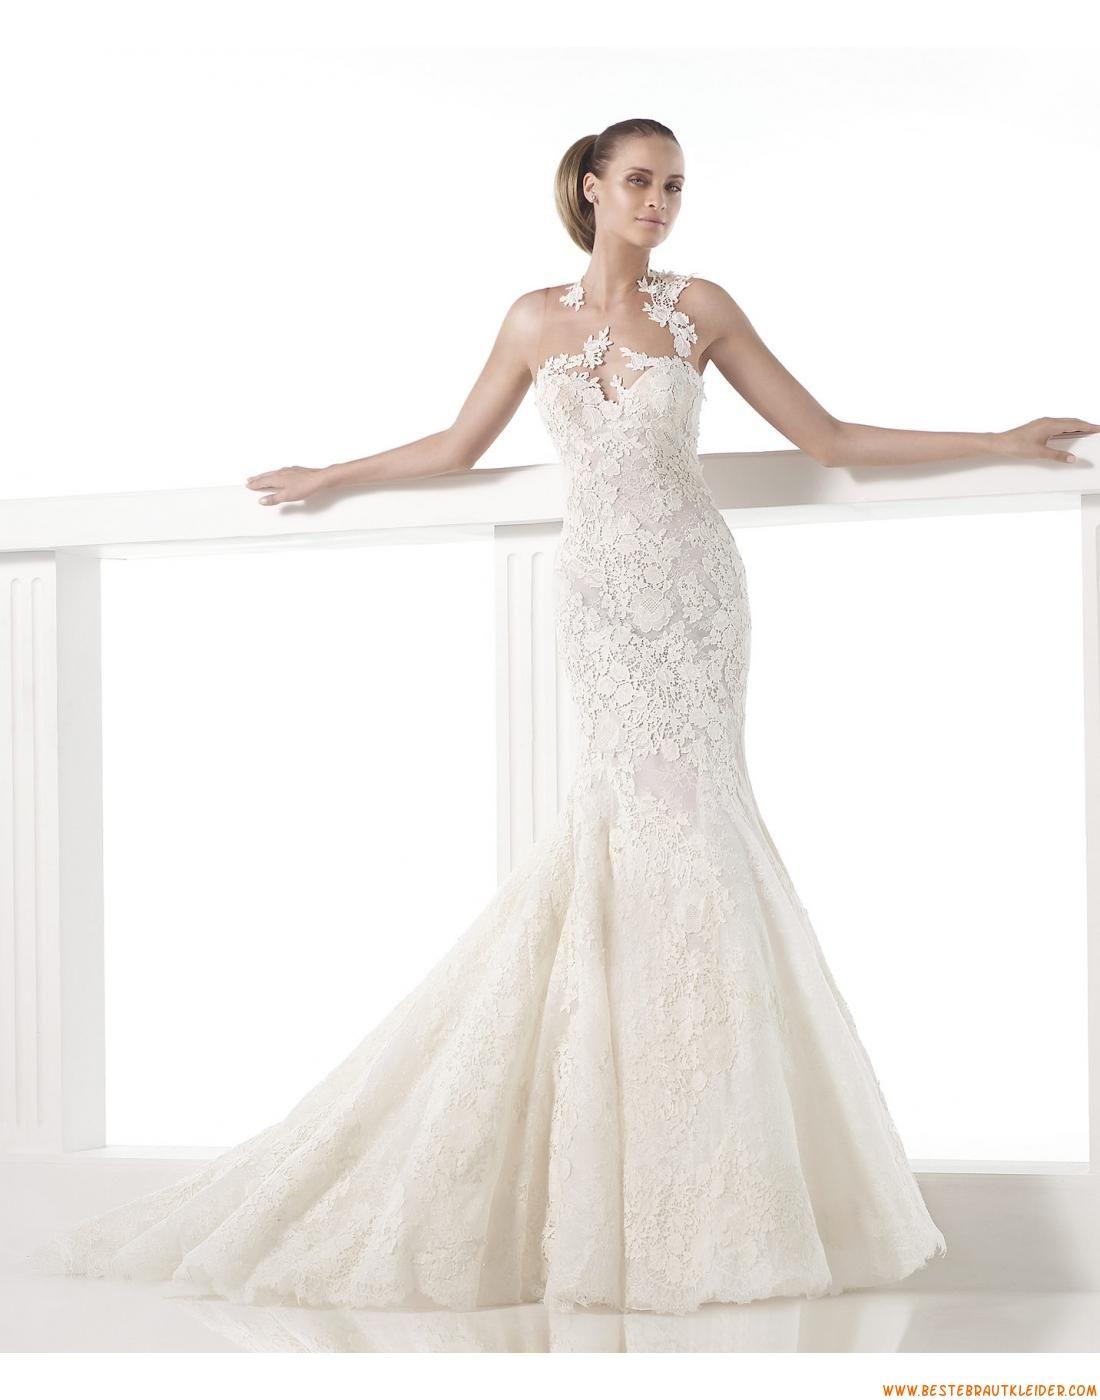 2015 Meerjungfrau Romantische Traumhafte Brautkleider aus Spitze mit ...